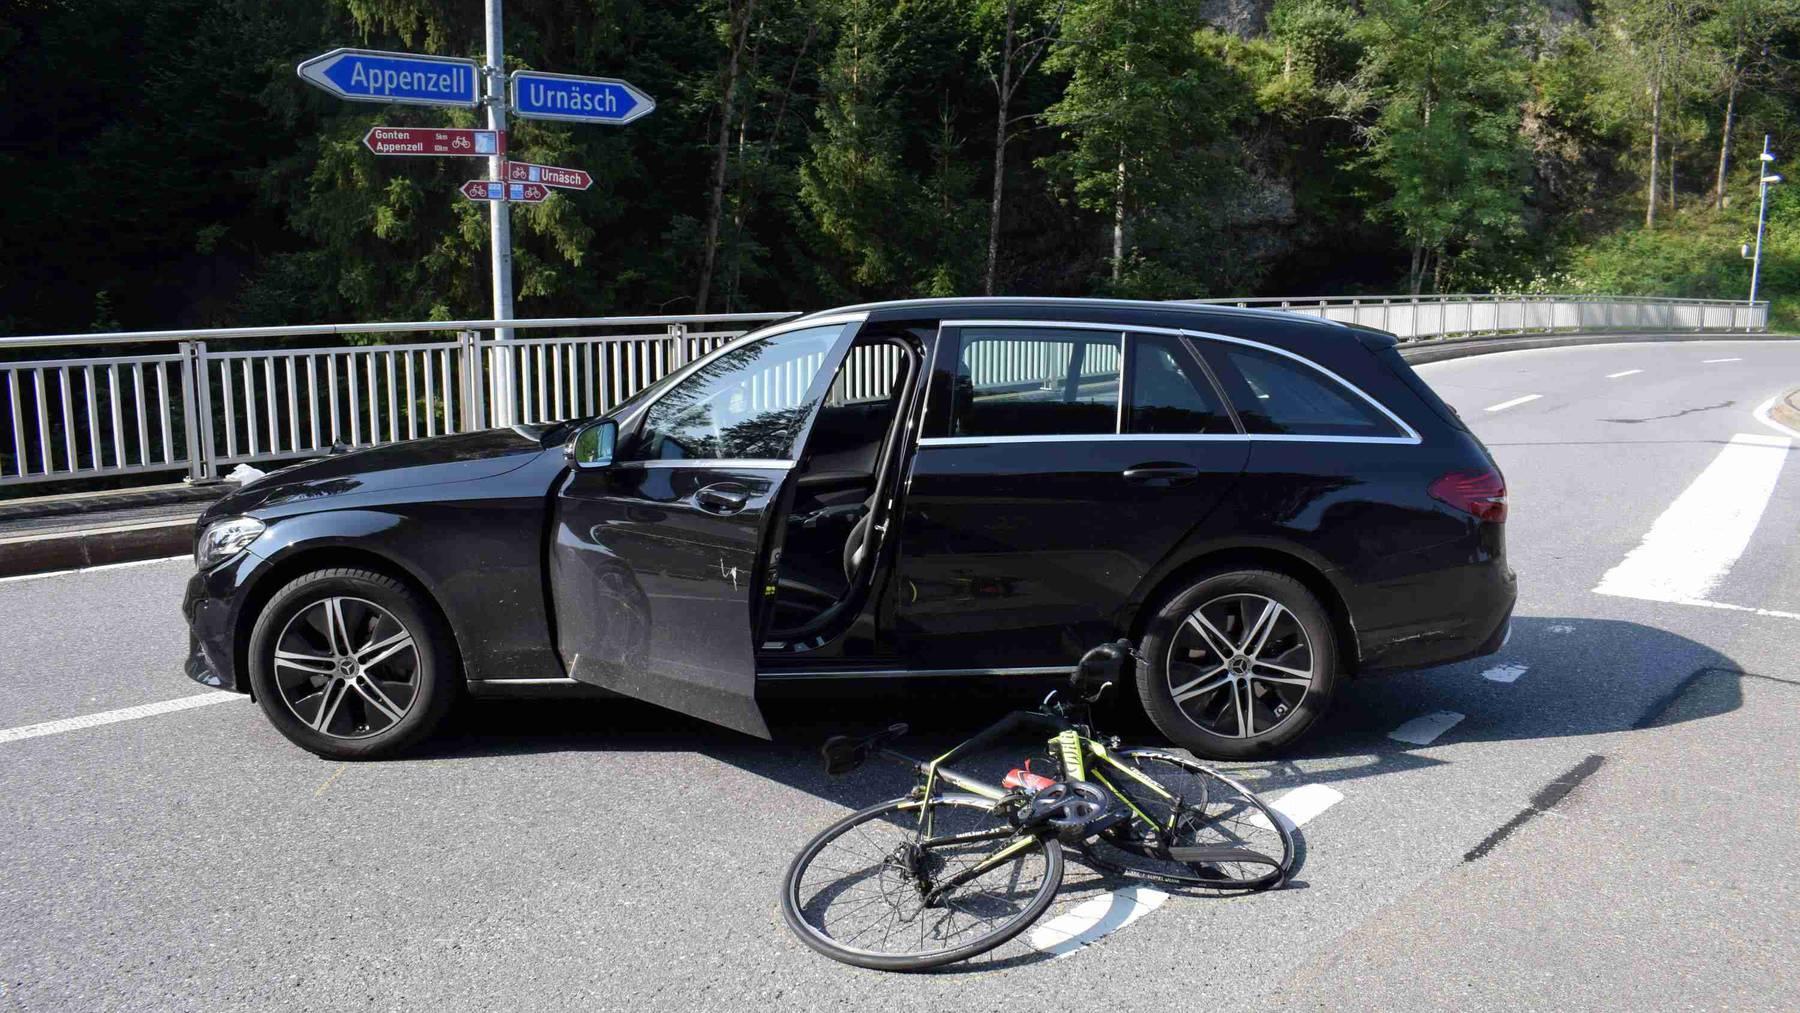 Die Velofahrerin wurde bei dem Unfall schwer verletzt.